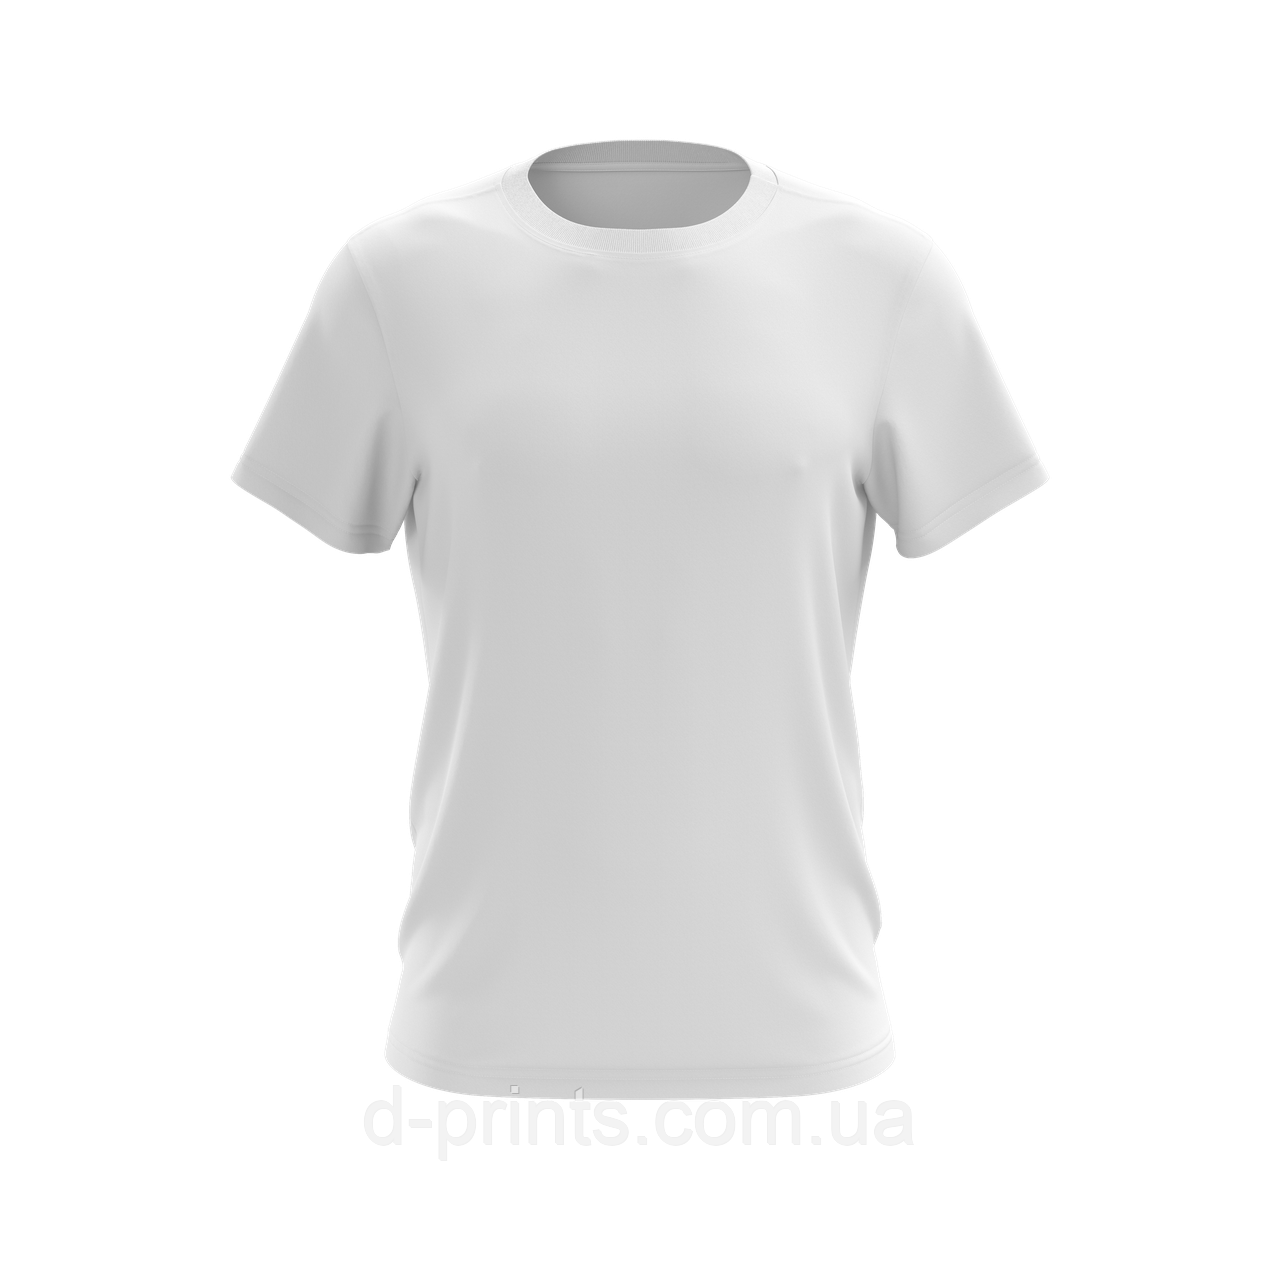 Футболка мужская AMULET PENIE 170 белая